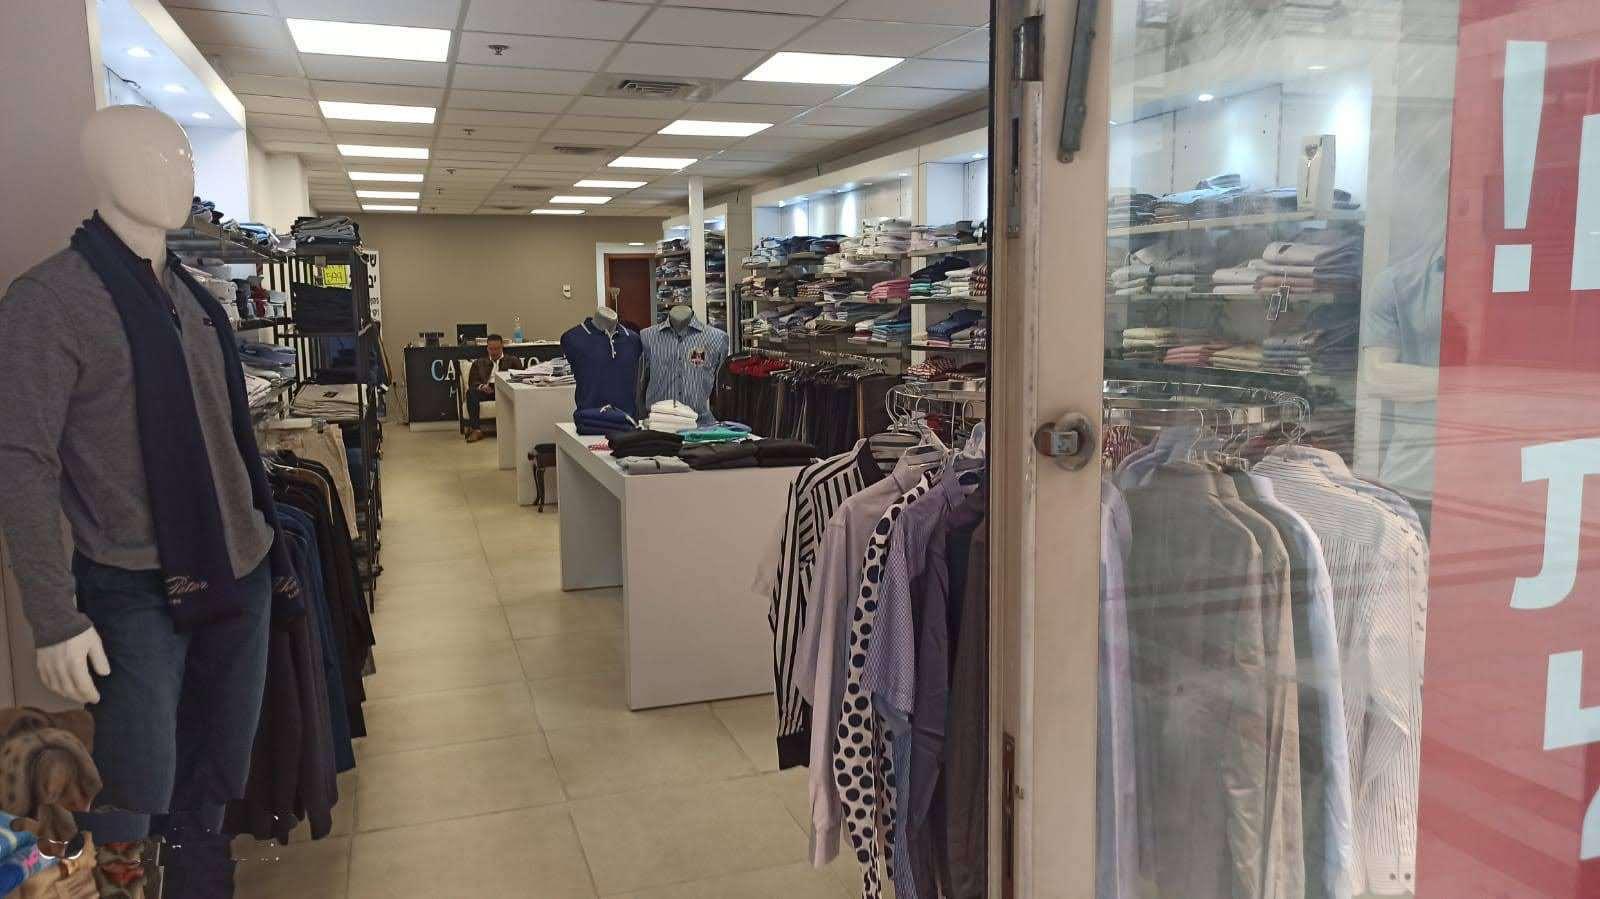 חנויות השכרה בכפר סבא חנות מטופחת בא.ת כ100 מר